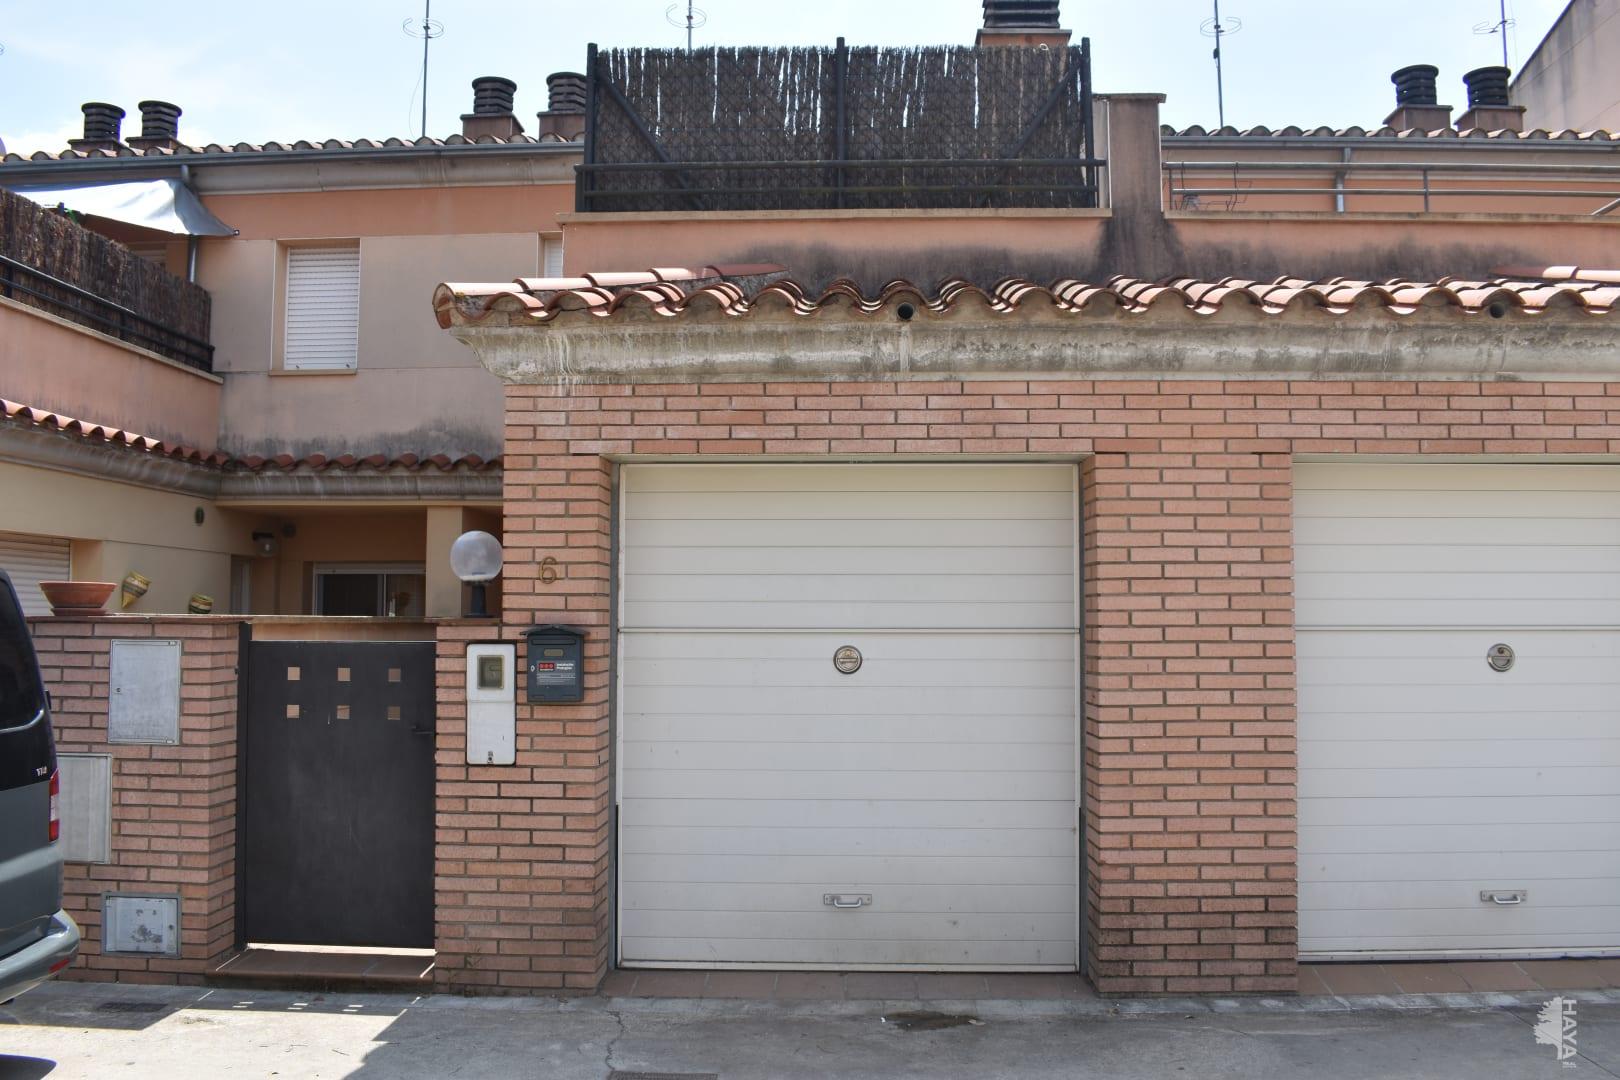 Casa en venta en Eixample, Riudarenes, Girona, Pasaje Girona, 105.580 €, 3 habitaciones, 2 baños, 125 m2